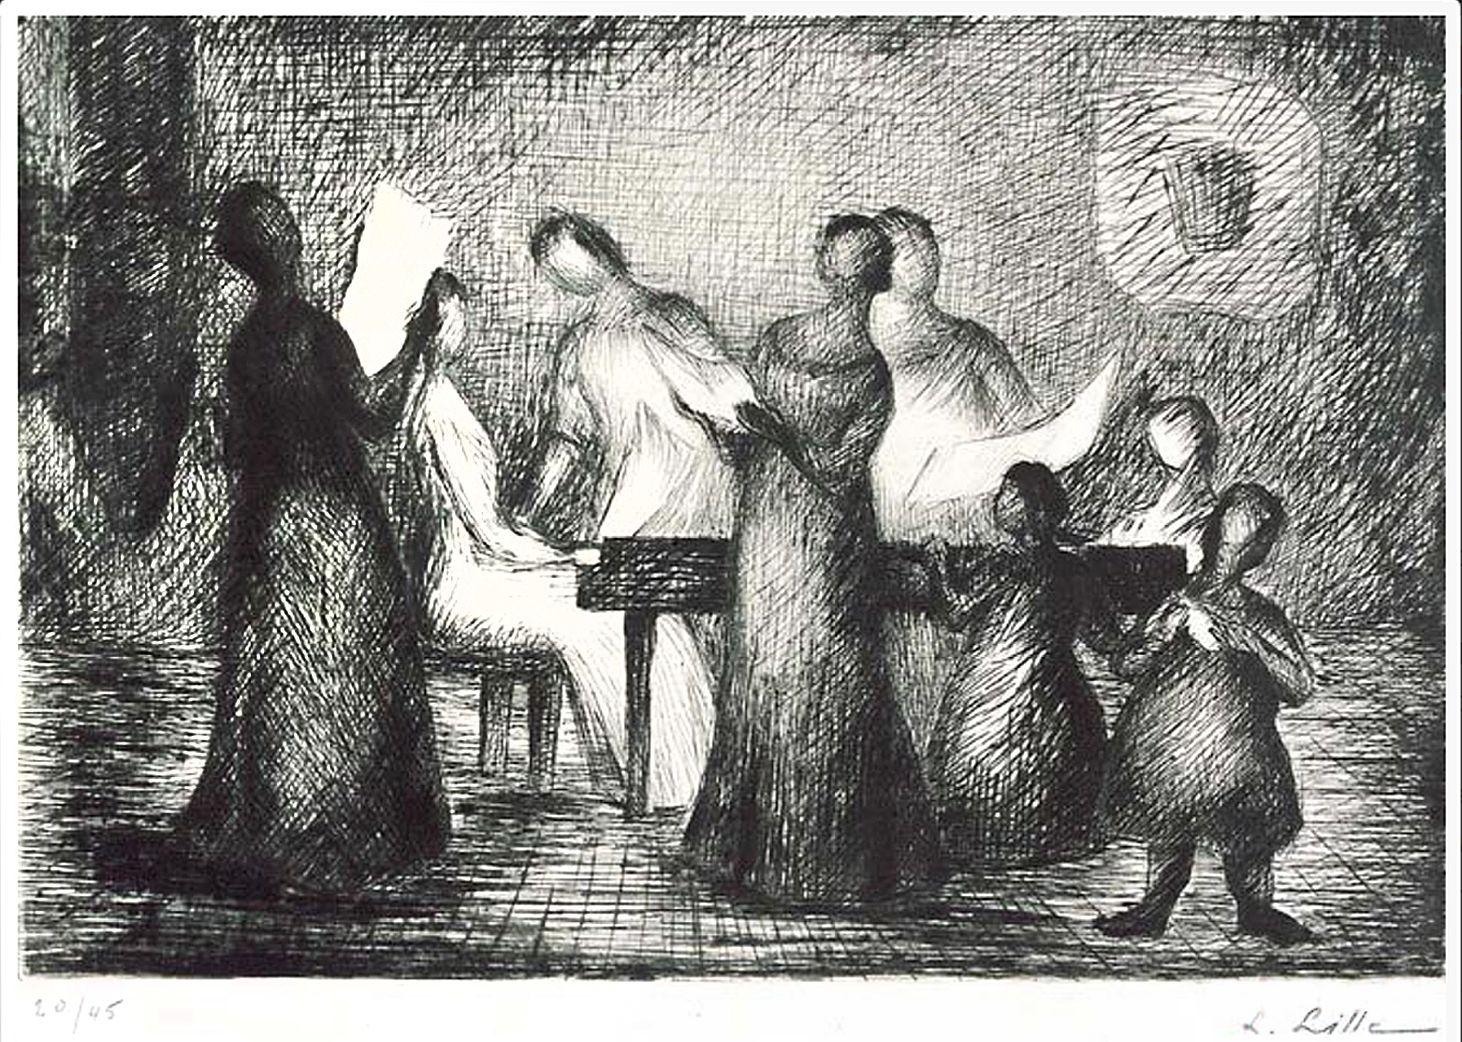 Людвиґ Ліллє. Сцена #1, 1957